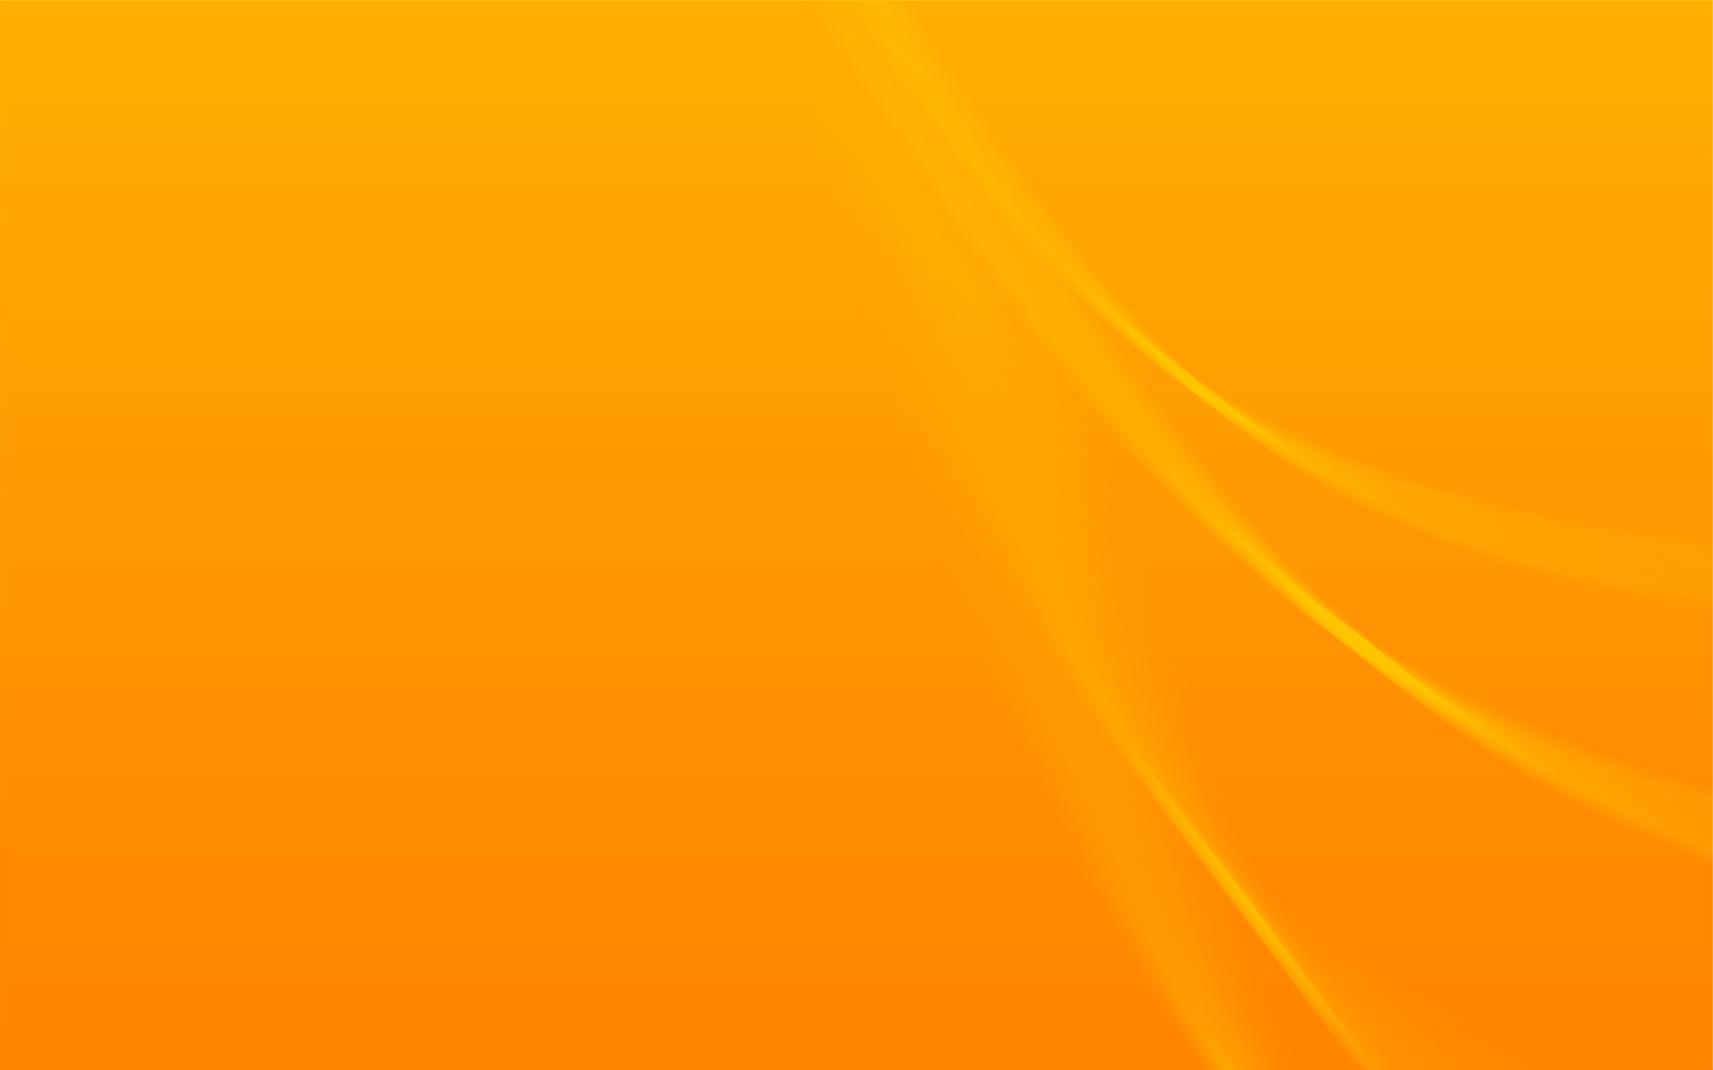 Orange wallpaper background wallpapersafari for Coole vorha nge